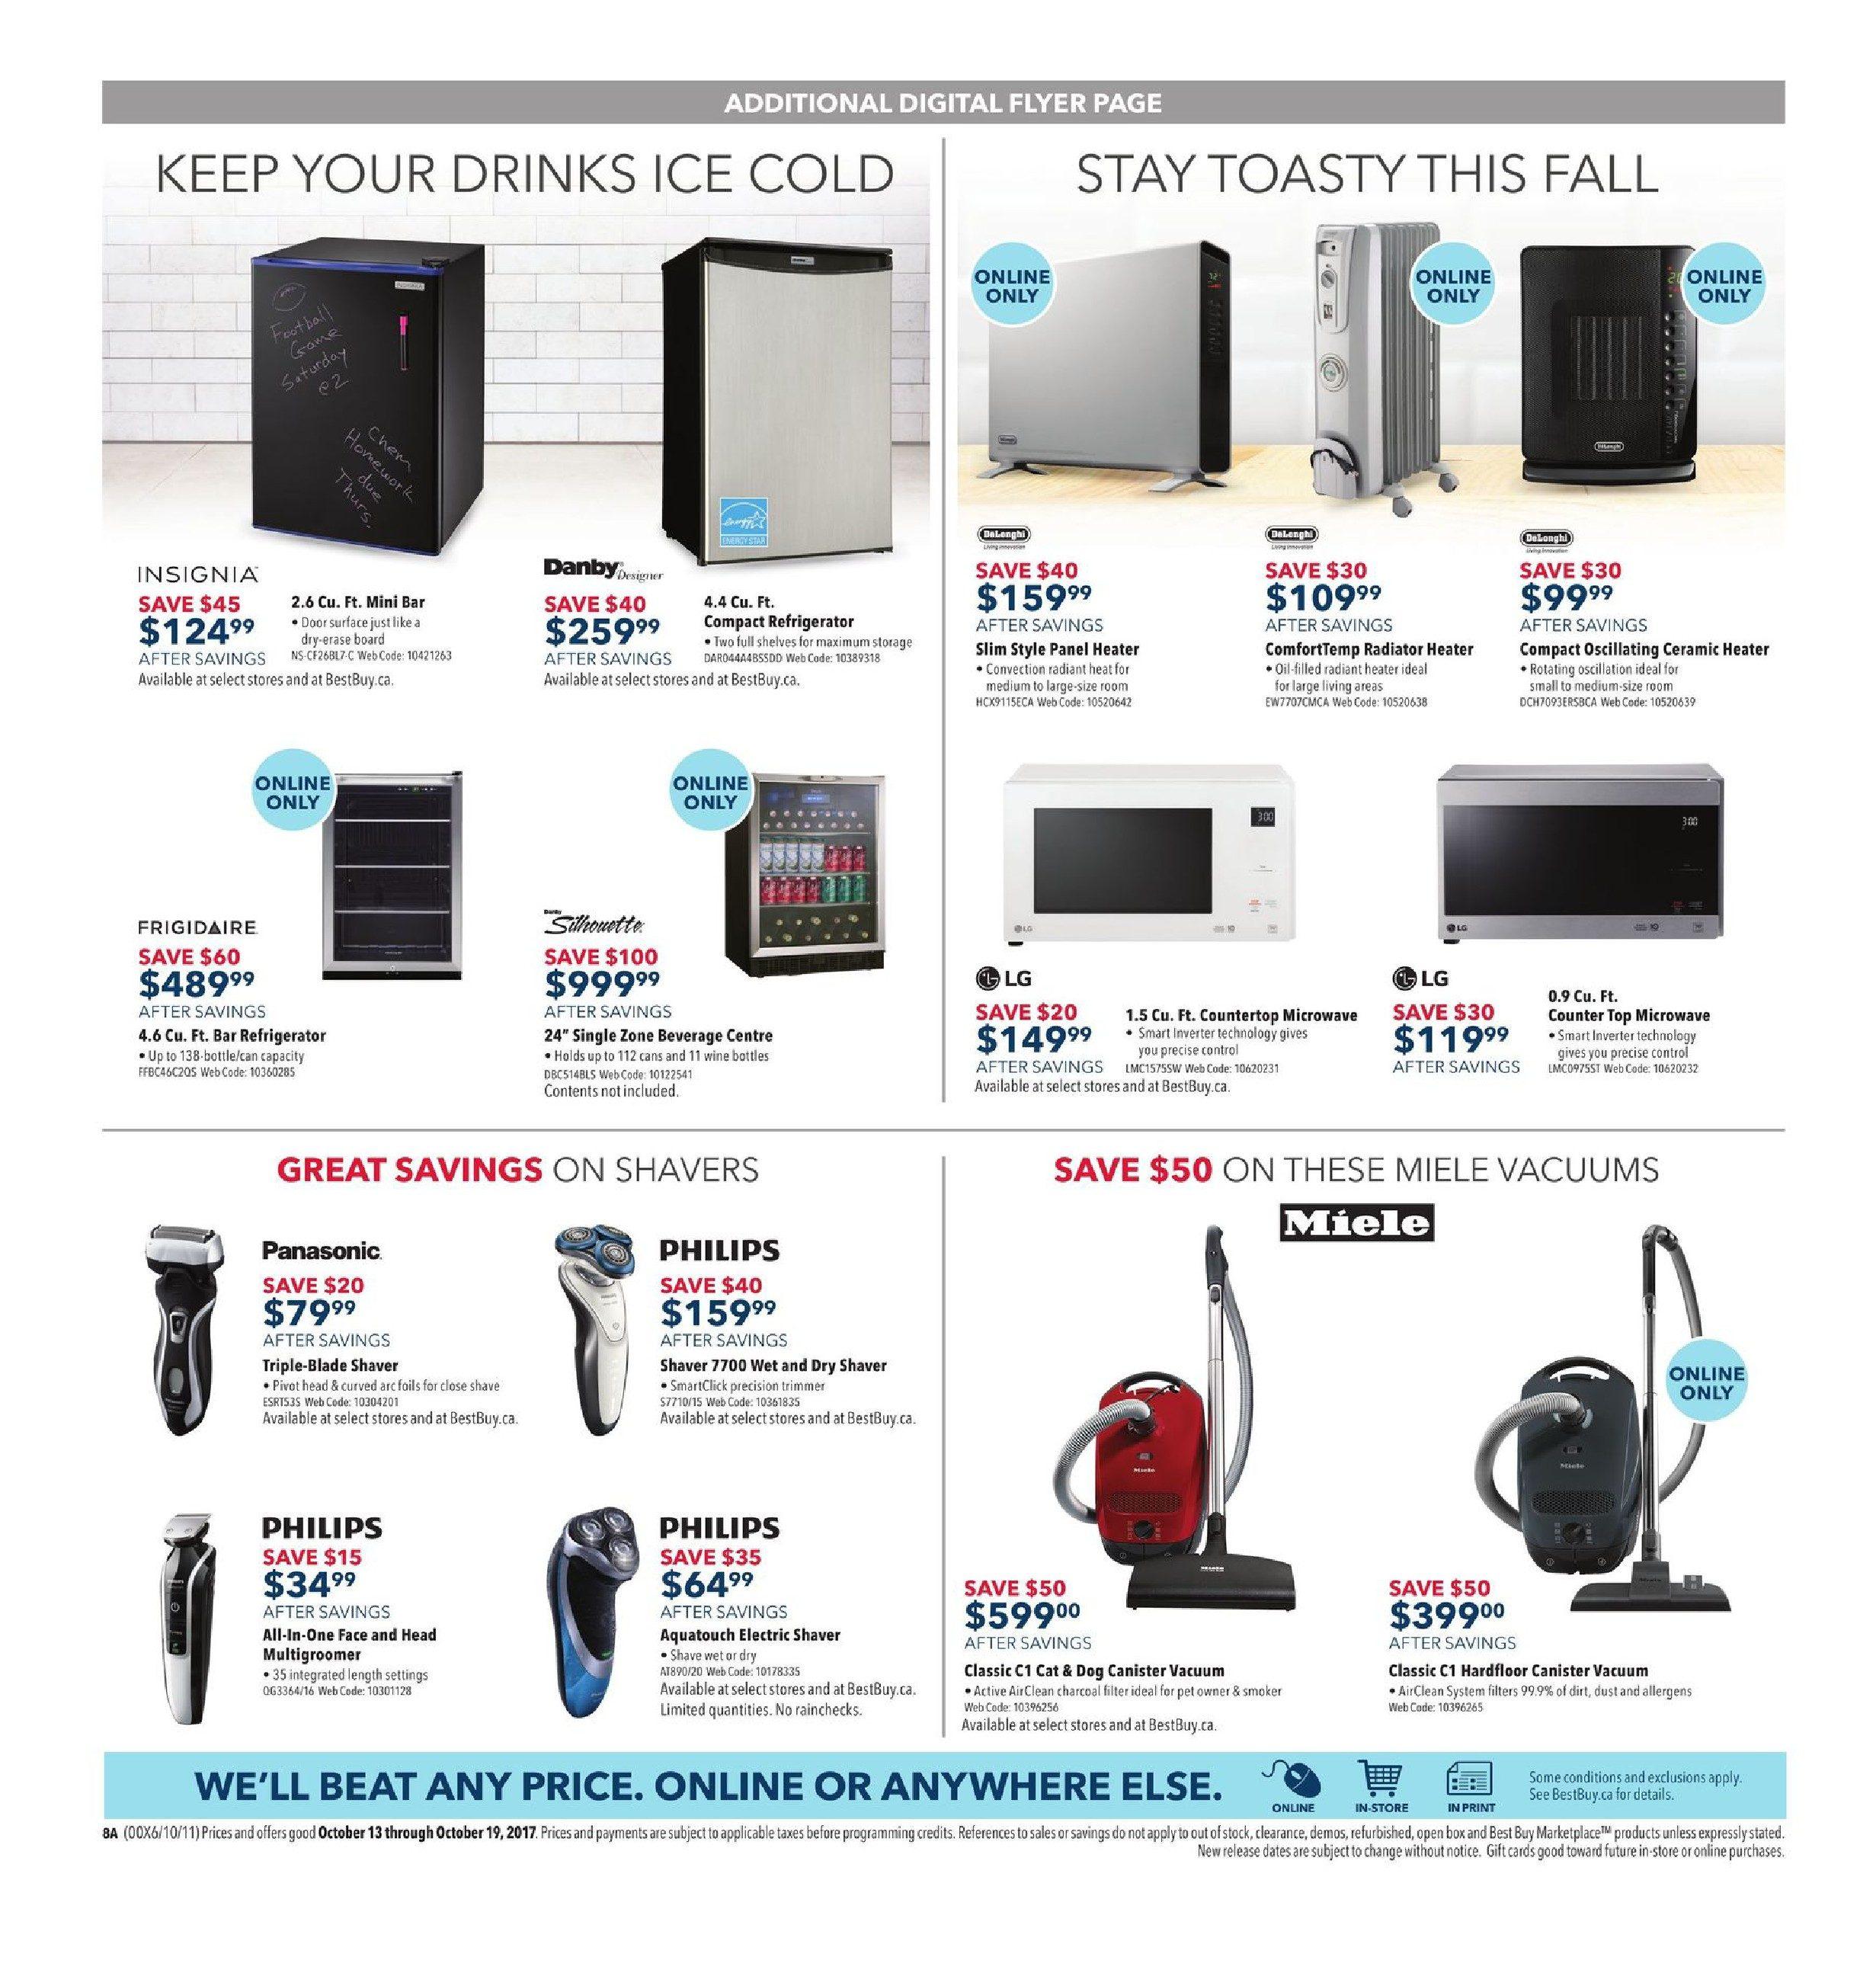 Best buy weekly flyer weekly ultimate appliance sale oct 13 best buy weekly flyer weekly ultimate appliance sale oct 13 19 redflagdeals fandeluxe Gallery